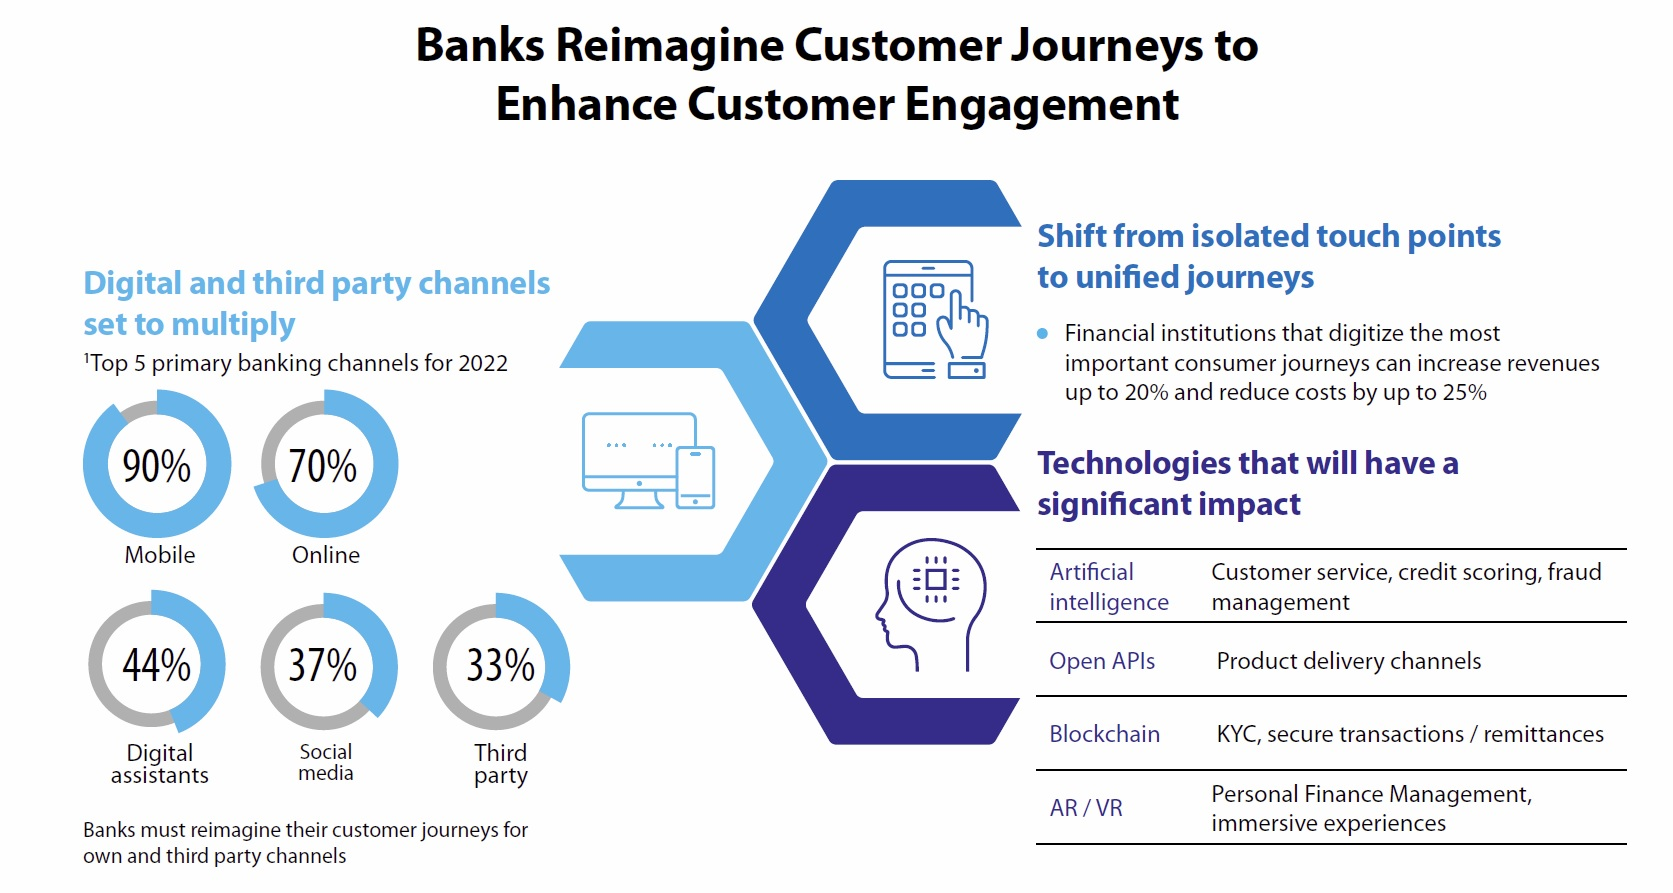 Banks Reimagine Customer Journeys